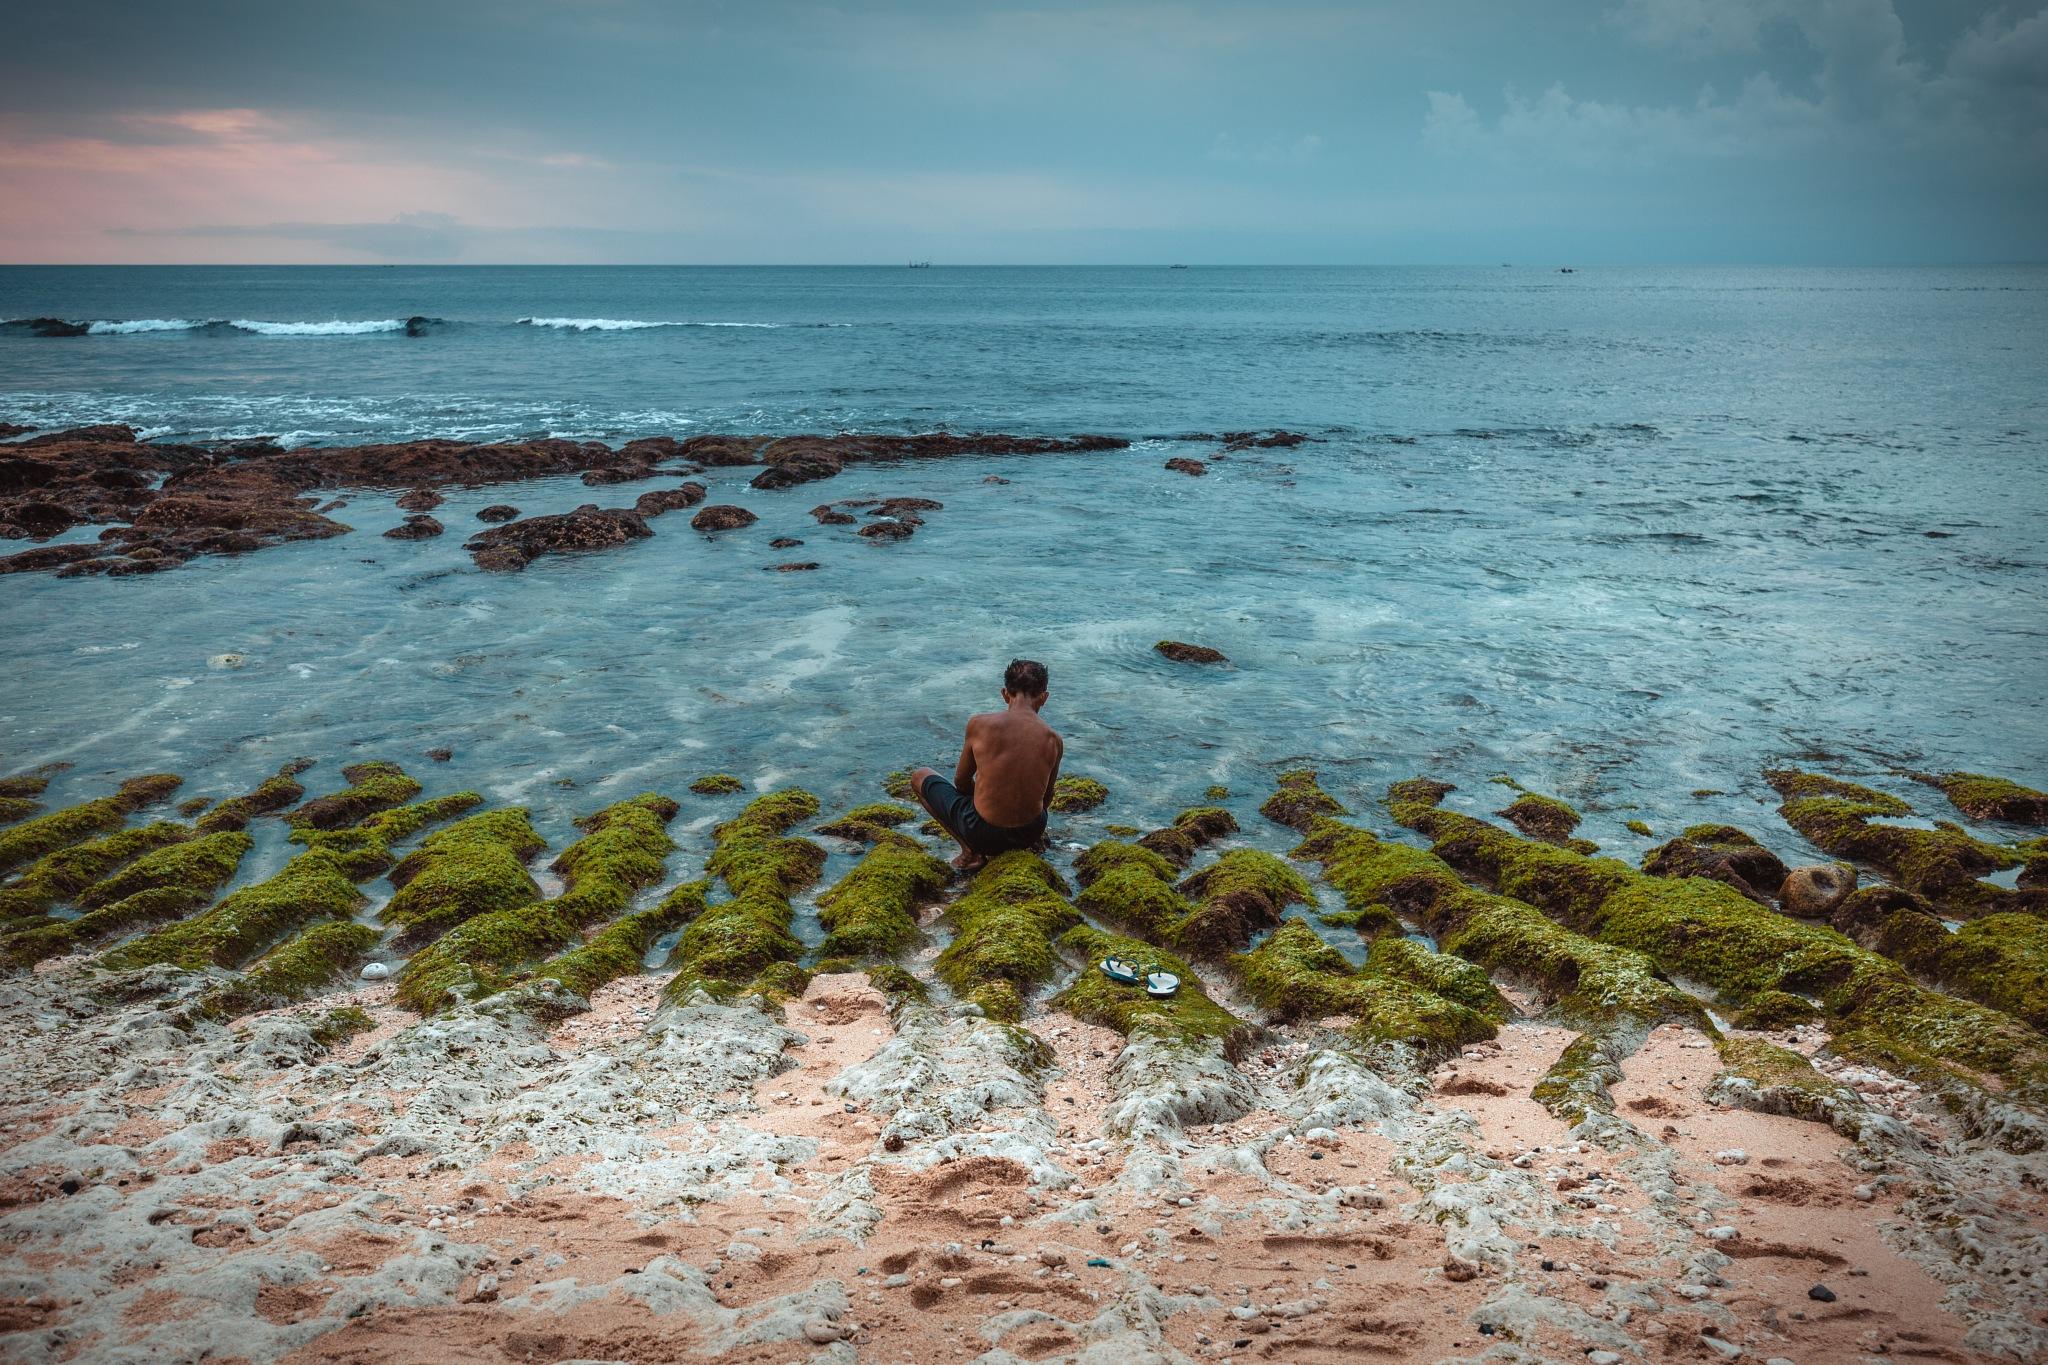 Balangan beach by Oleksii Boiko